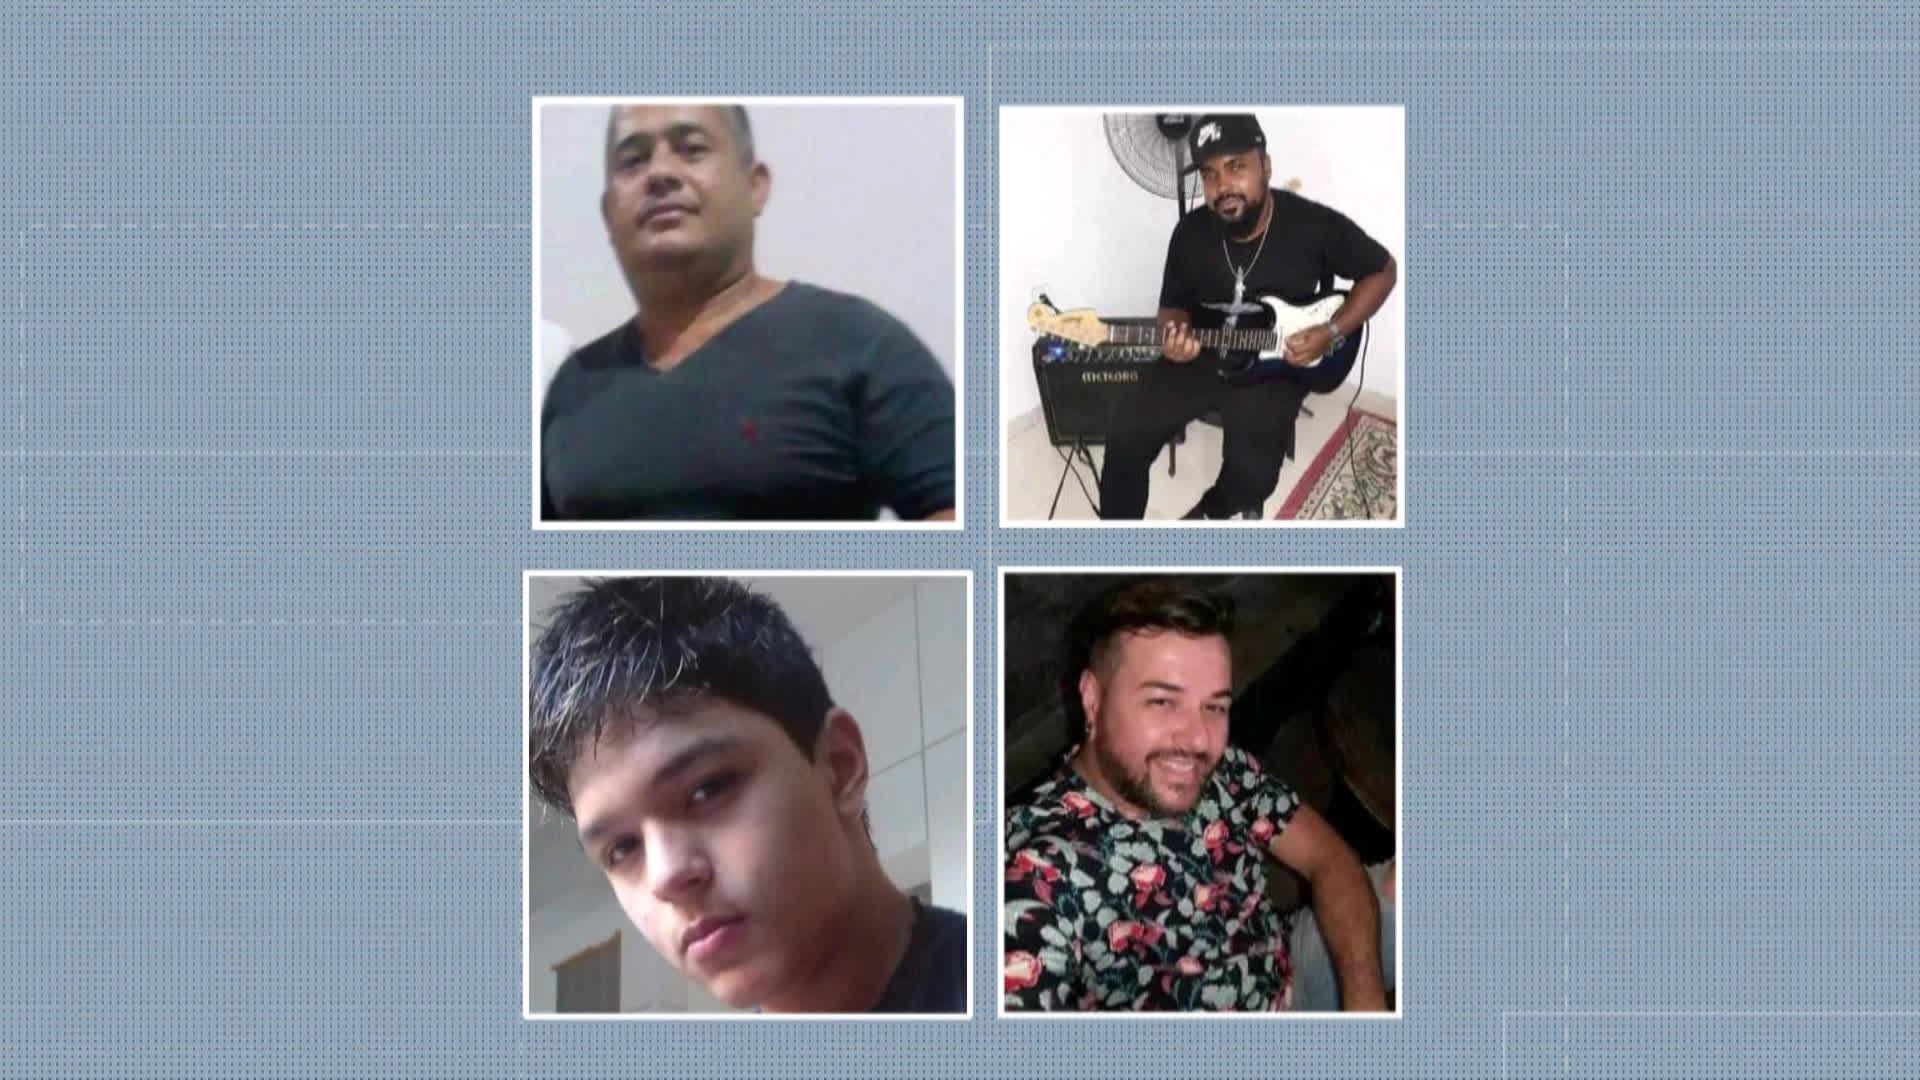 Grupo de 4 amigos sai para pescar e some; 2 são achados mortos - Noticias